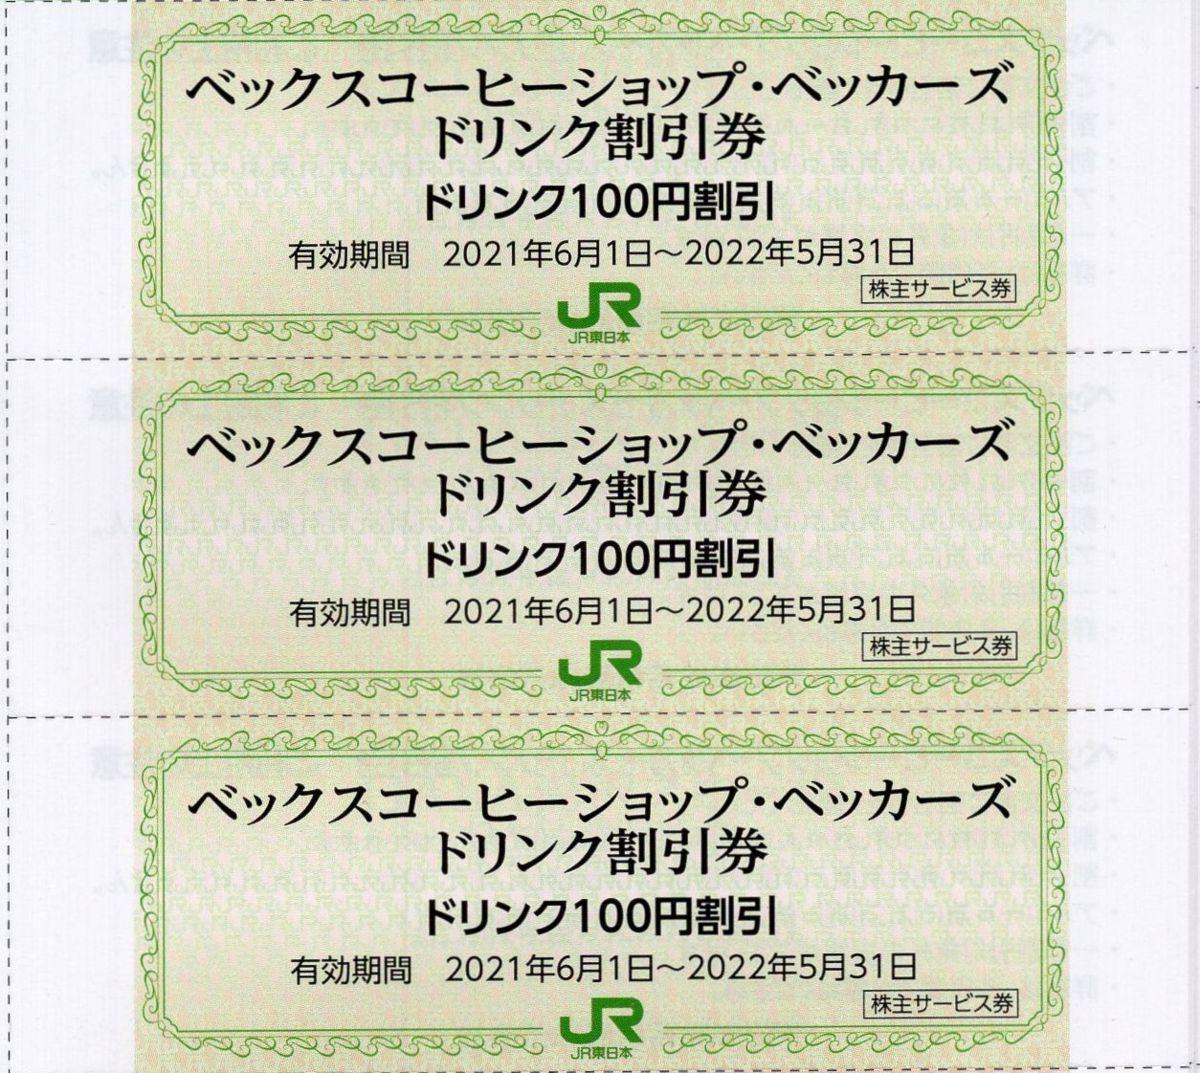 ◆.[10枚セット] ベックスコーヒーショップ・ベッカーズ ドリンク100円割引券x10枚 2022/5/31期限 JR東日本 株主優待_画像1